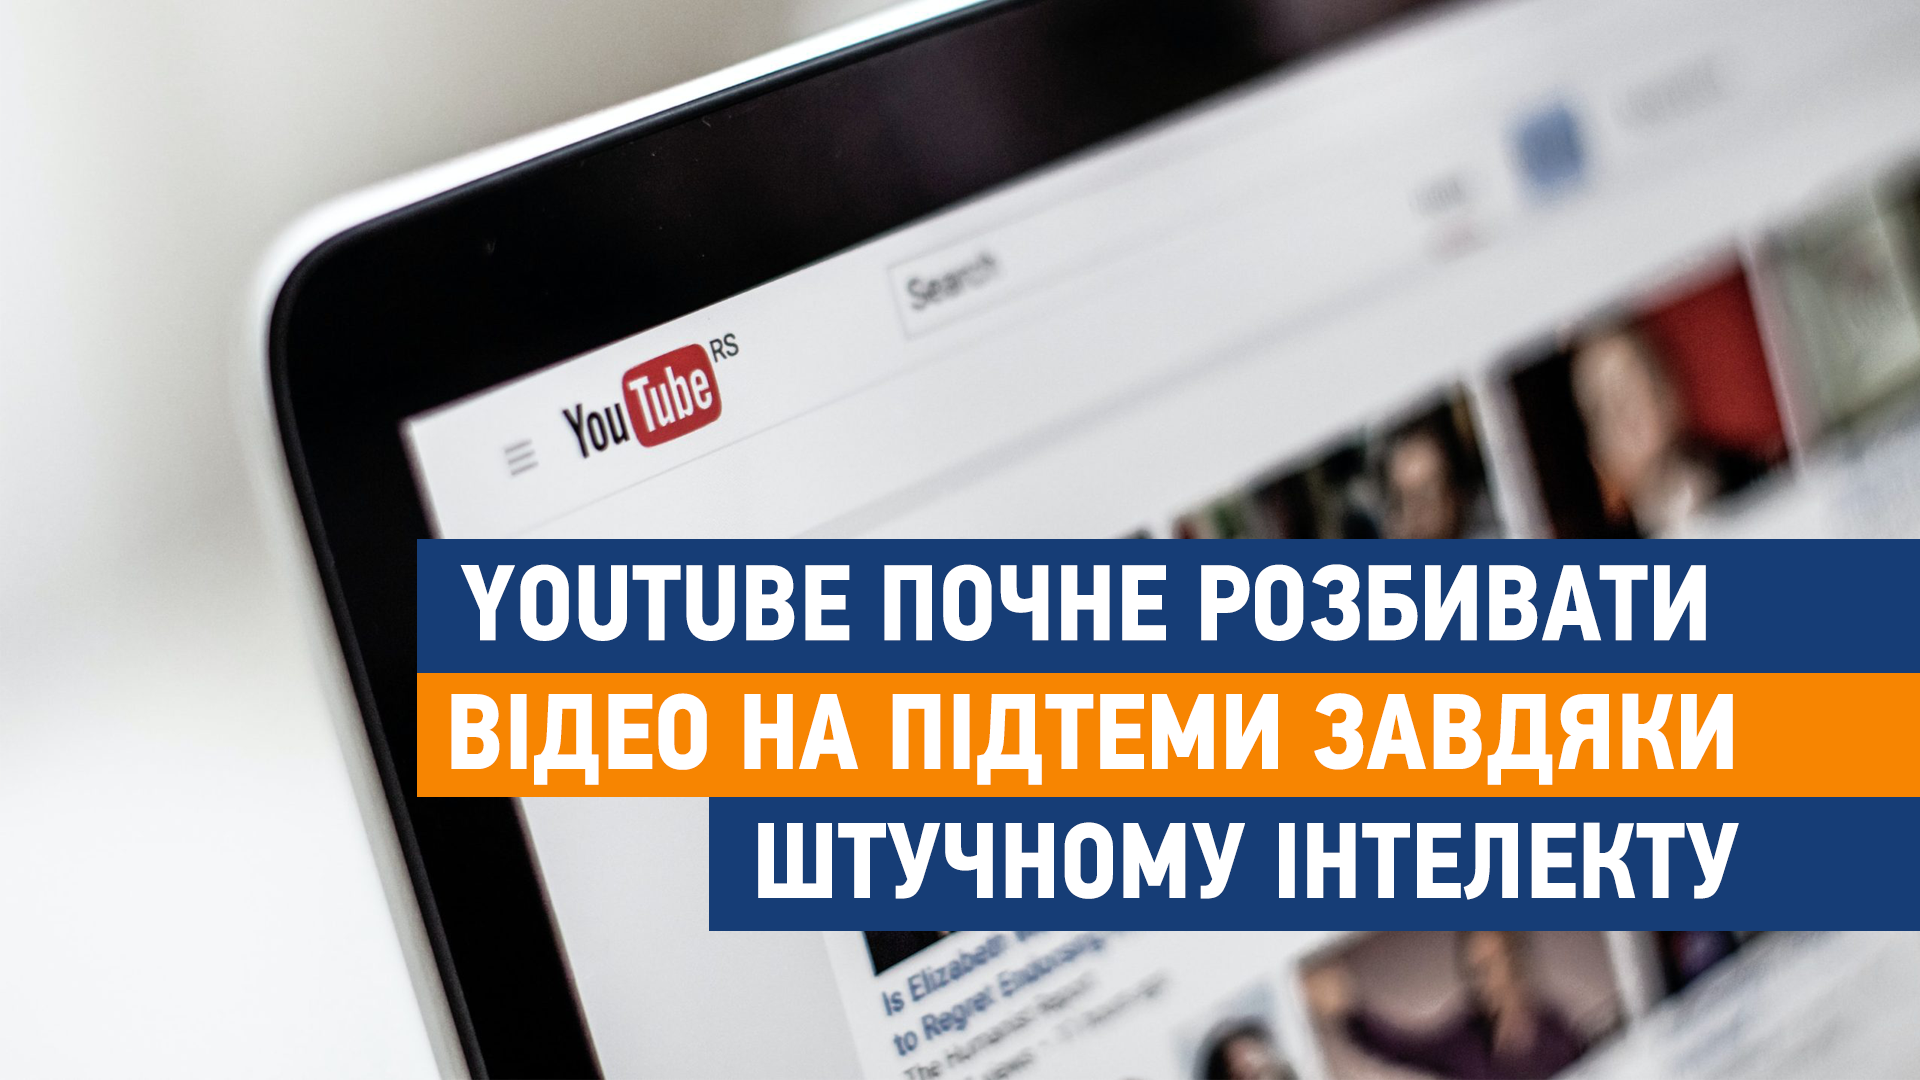 YouTube почне розбивати відео на підтеми завдяки штучному інтелекту - штучний інтелект, ШІ, інтернет, відео, google - youtube